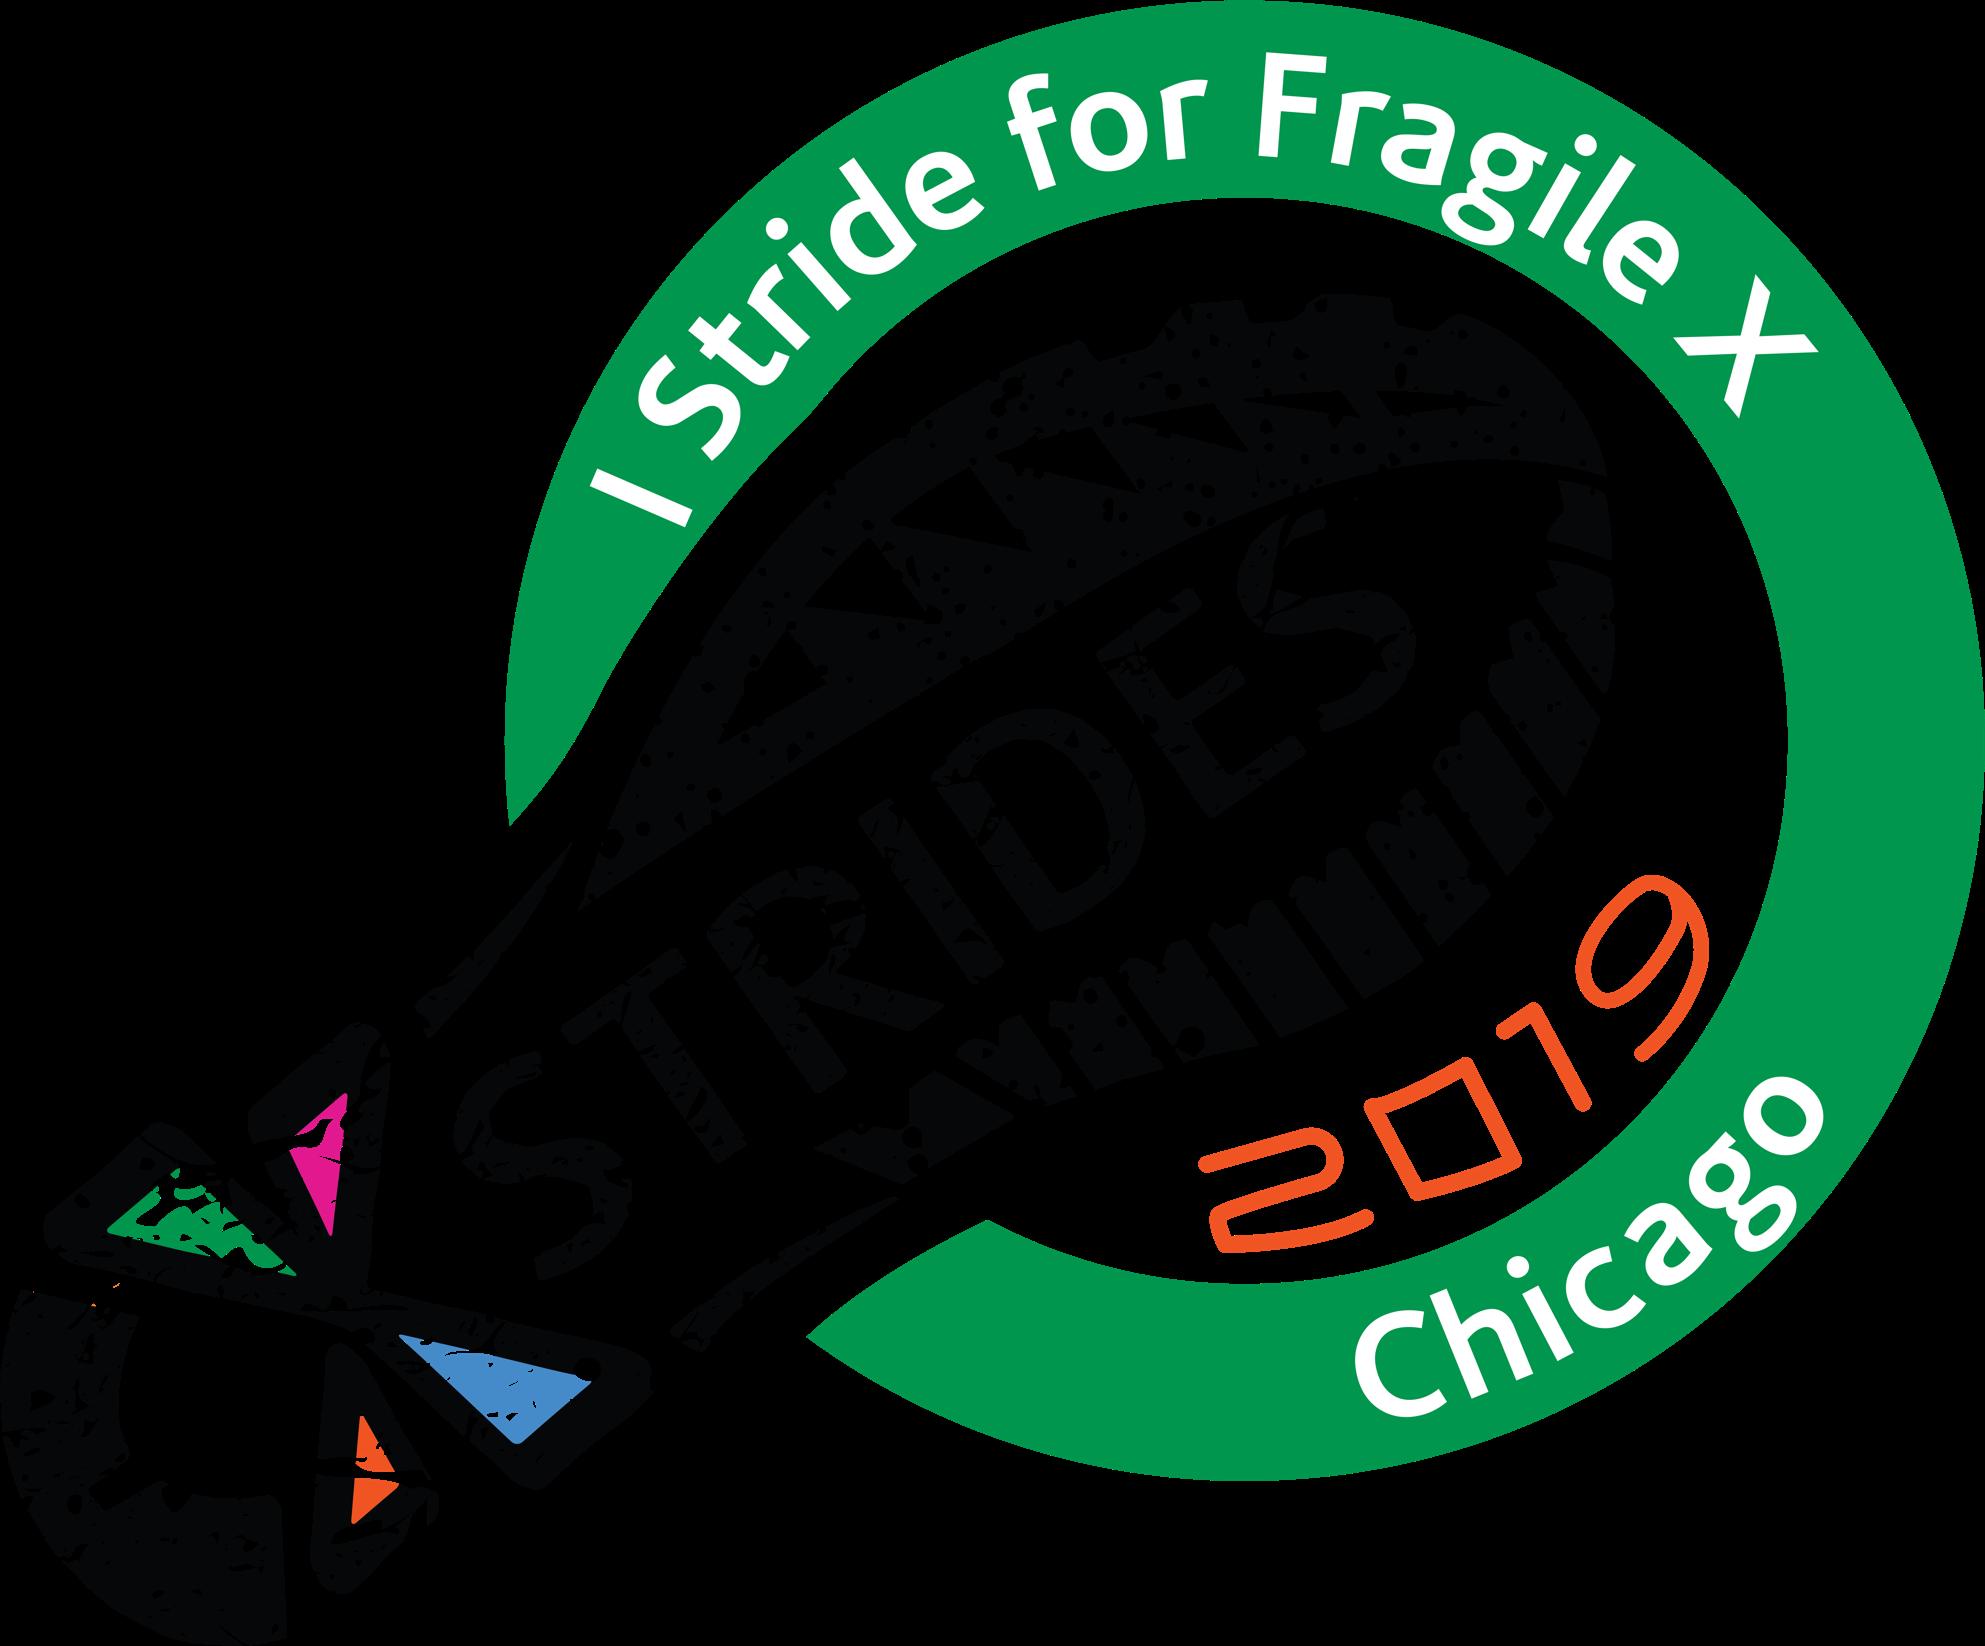 X Strides Chicago 2019